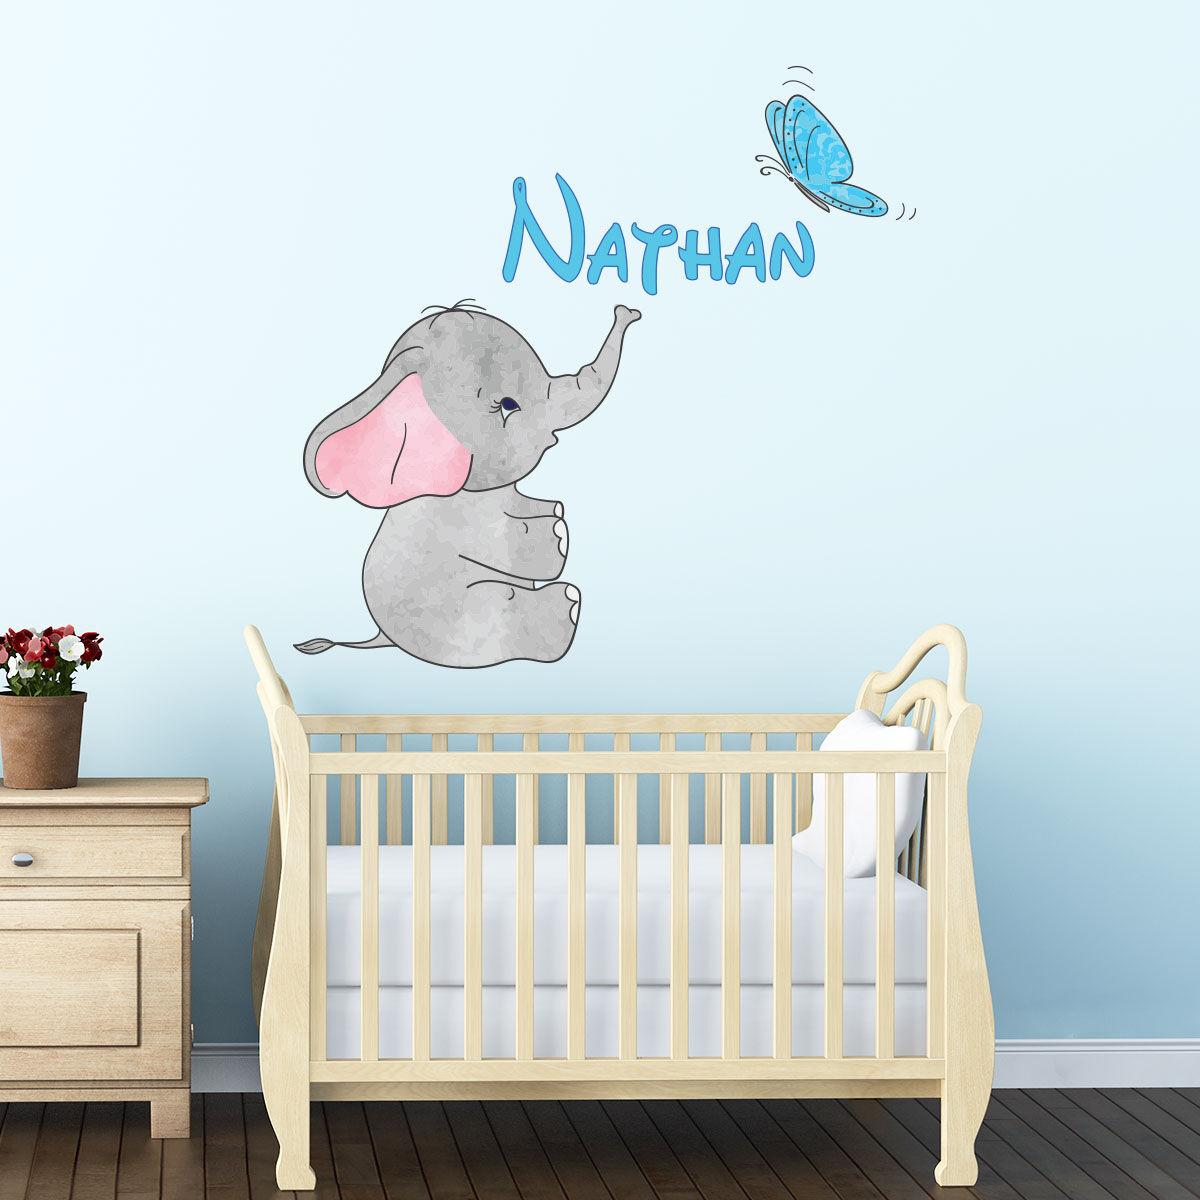 Ambiance-sticker Sticker prénom personnalisable bébé éléphant et papillon